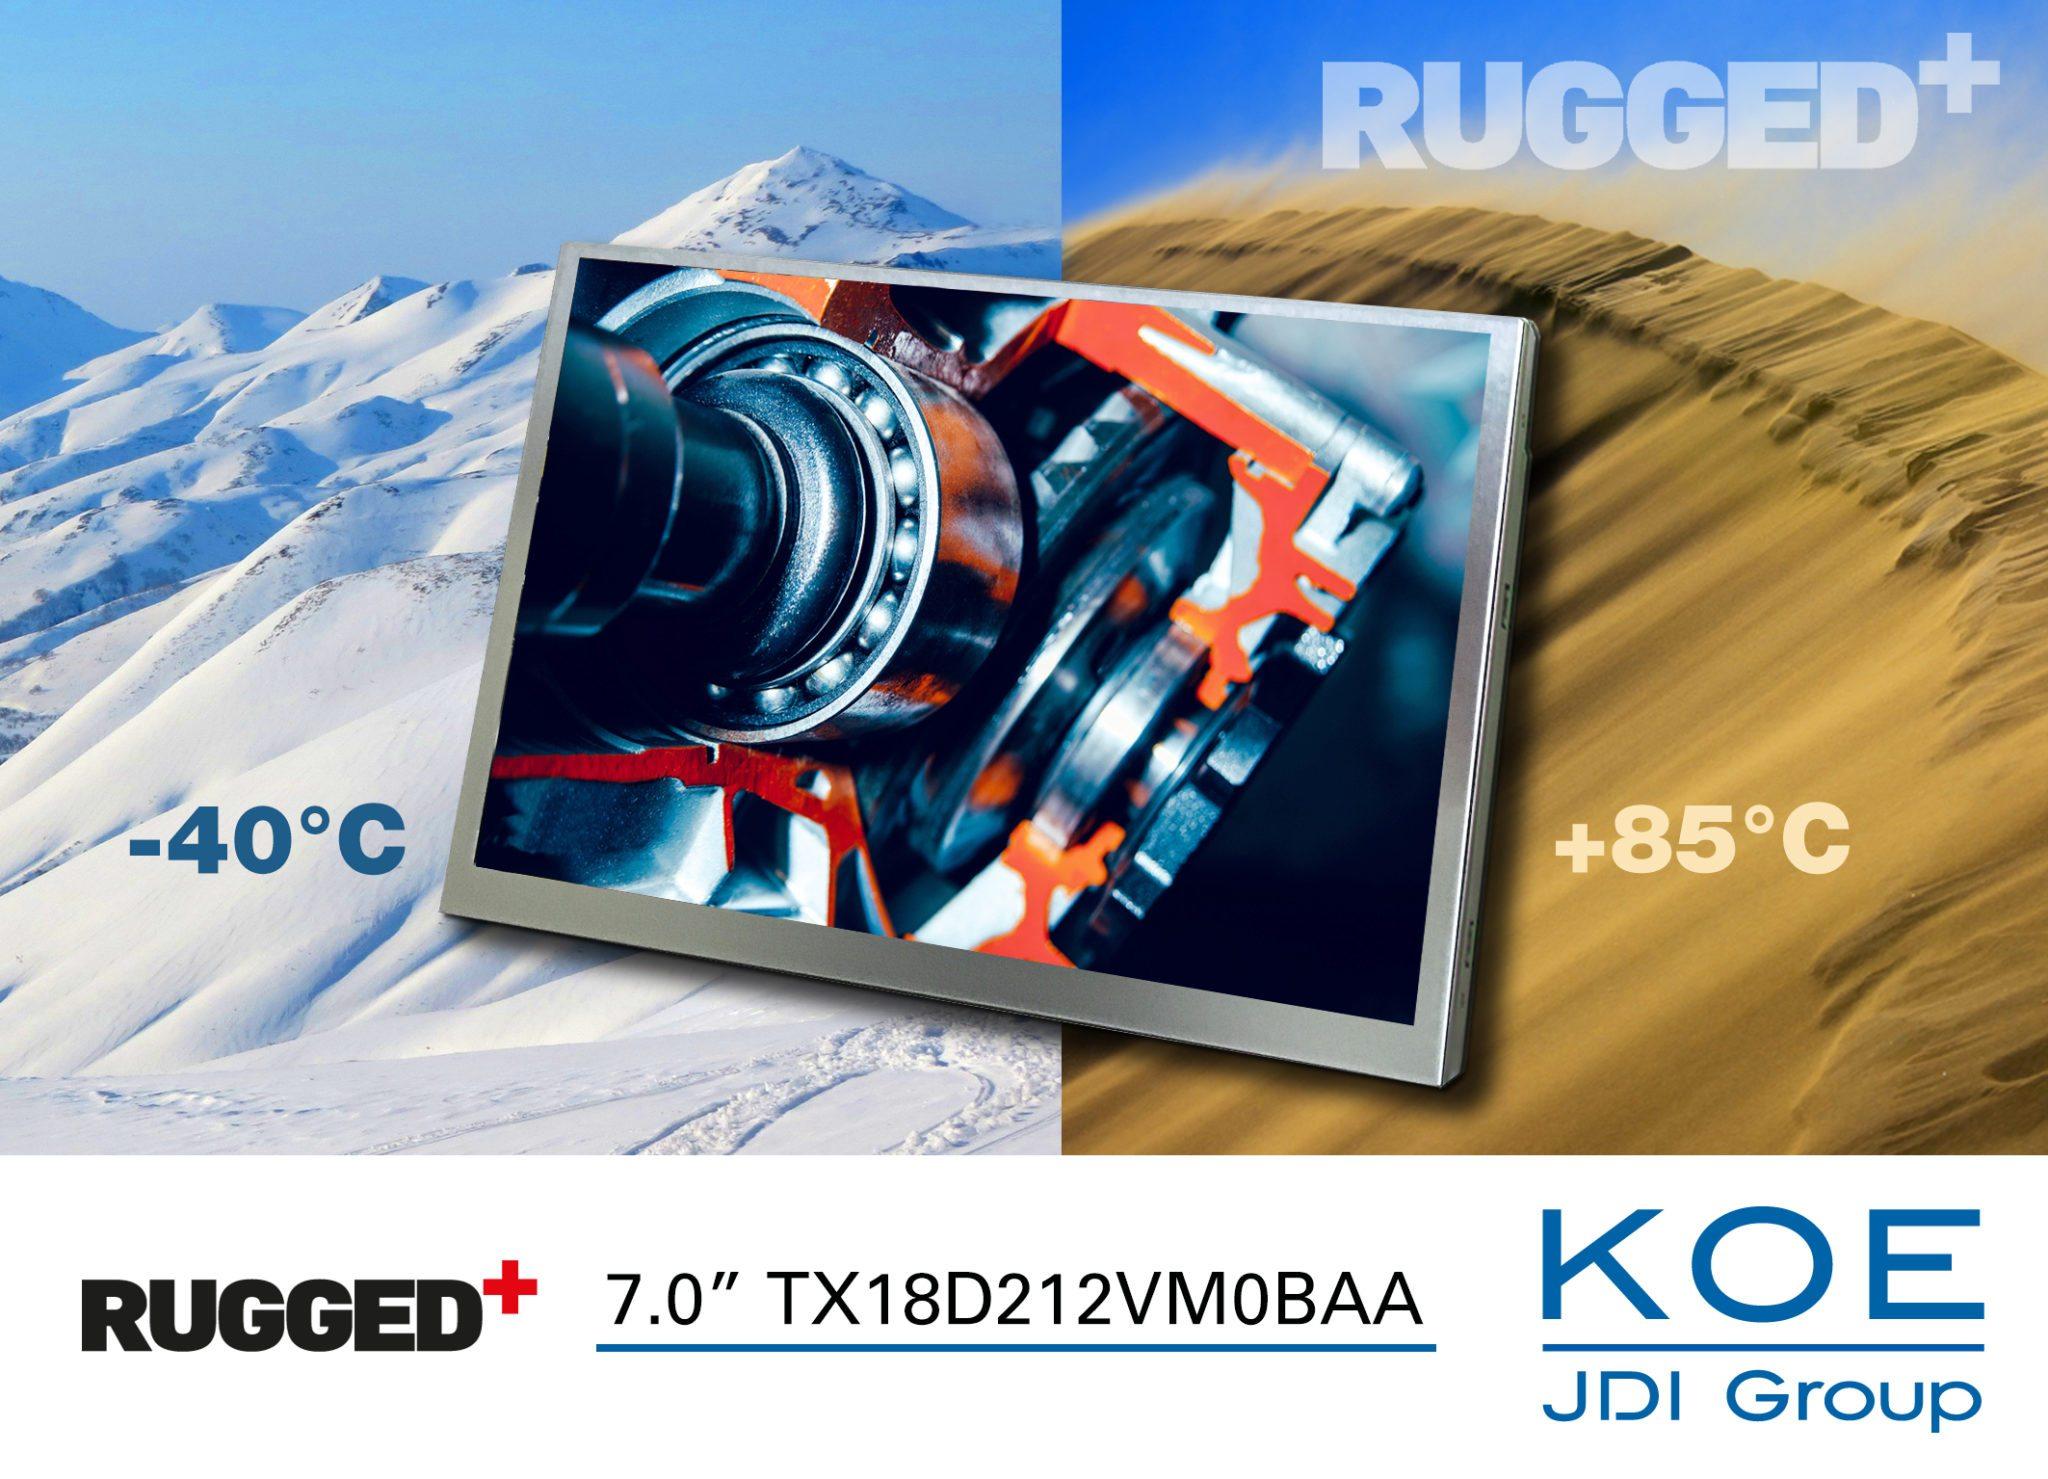 KOE 7.0-inch WXGA Rugged+ TX18D212VM0BAA TFT